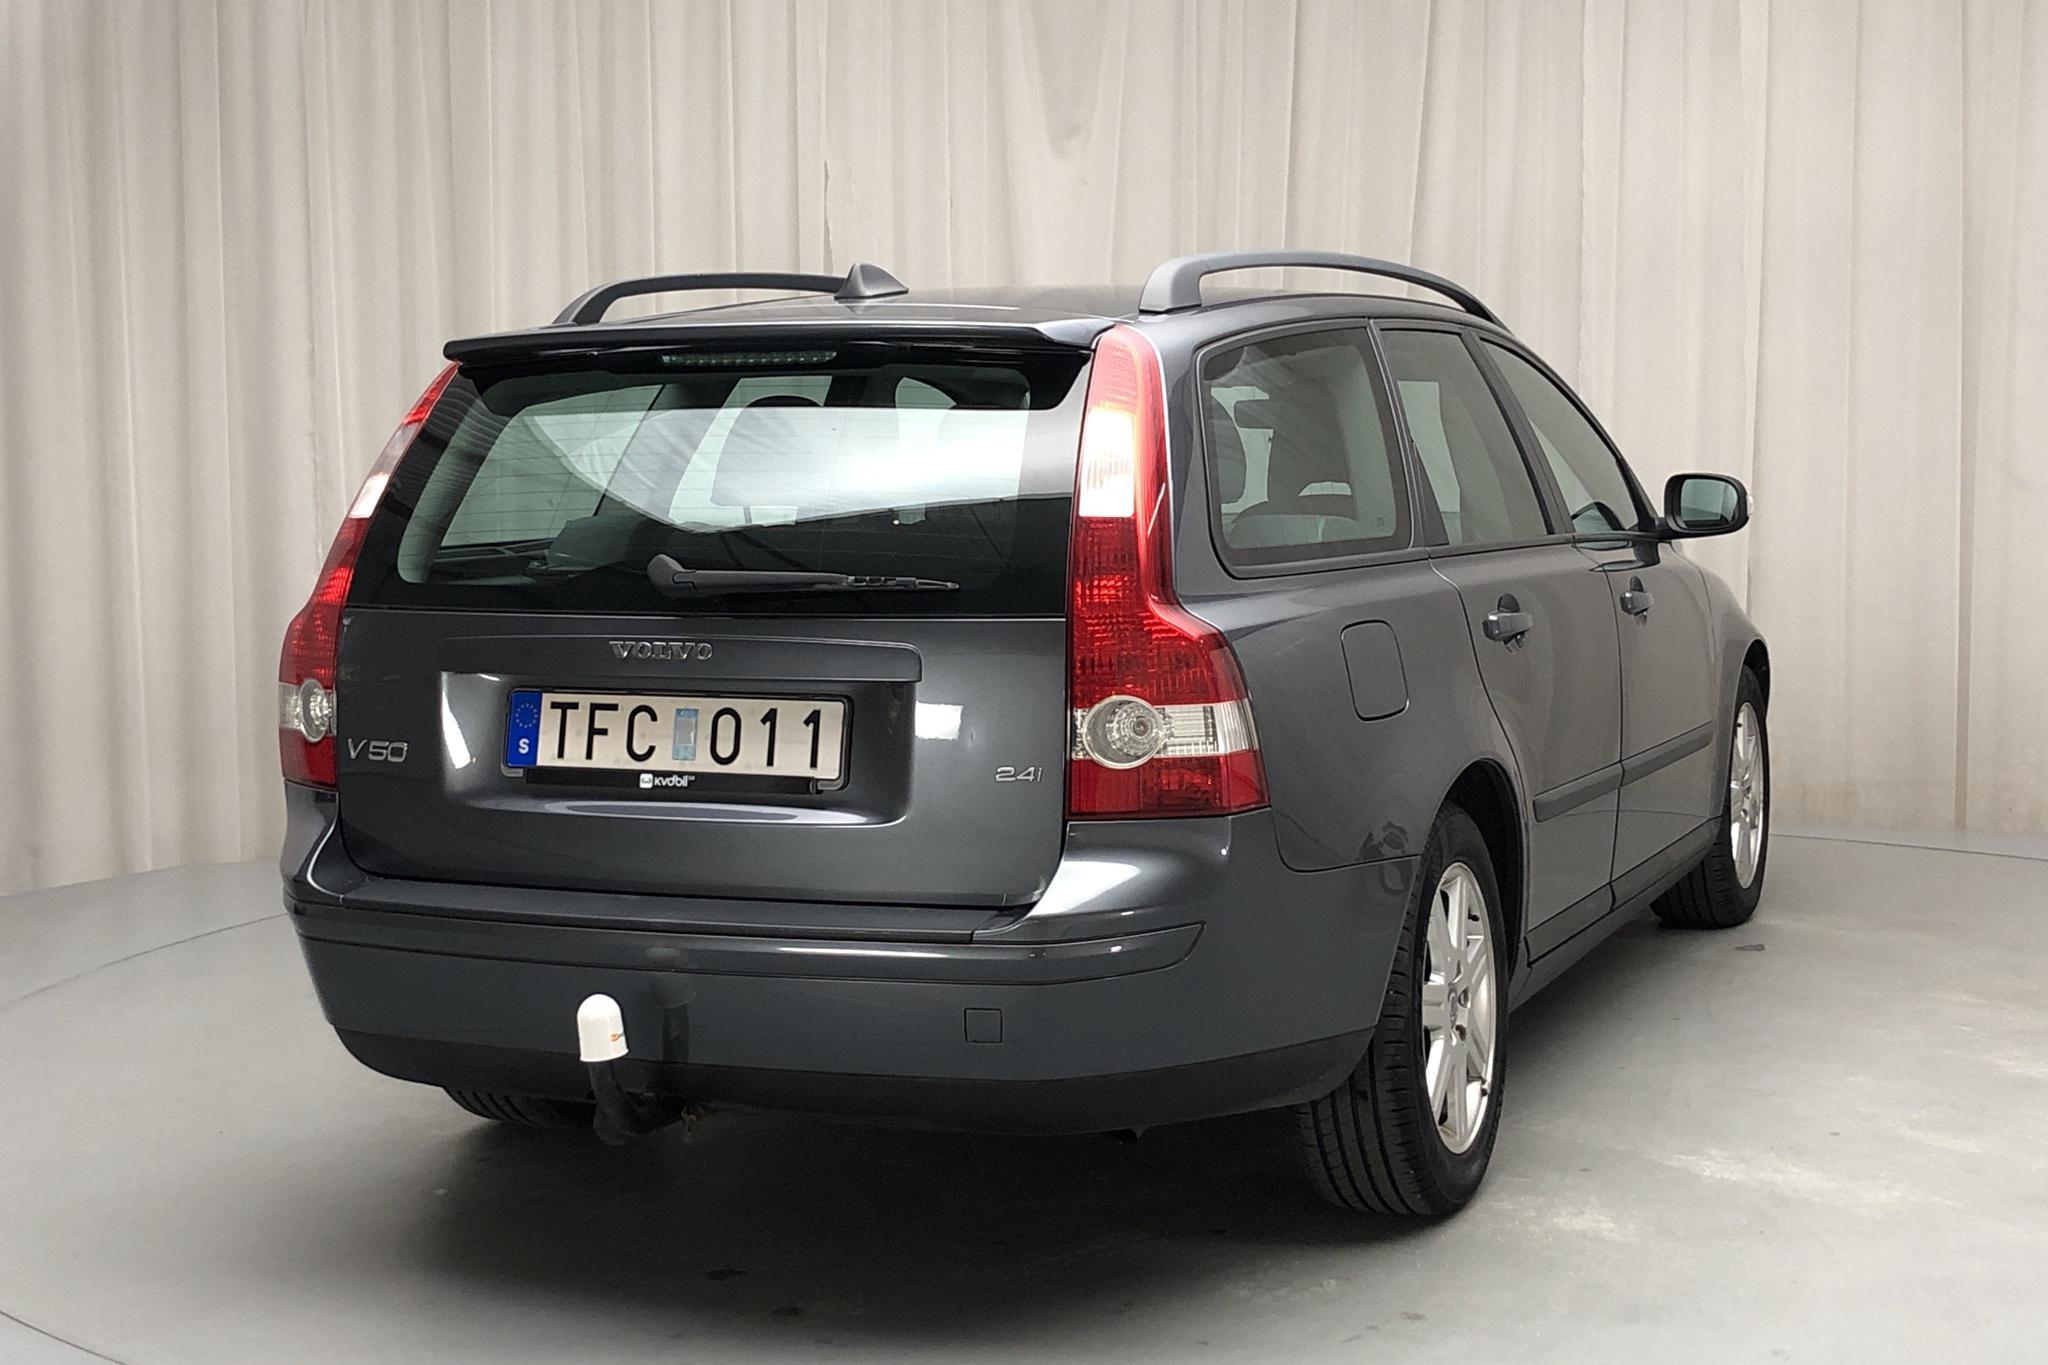 Volvo V50 2.4i (170hk) - 13 348 mil - Automat - grå - 2007